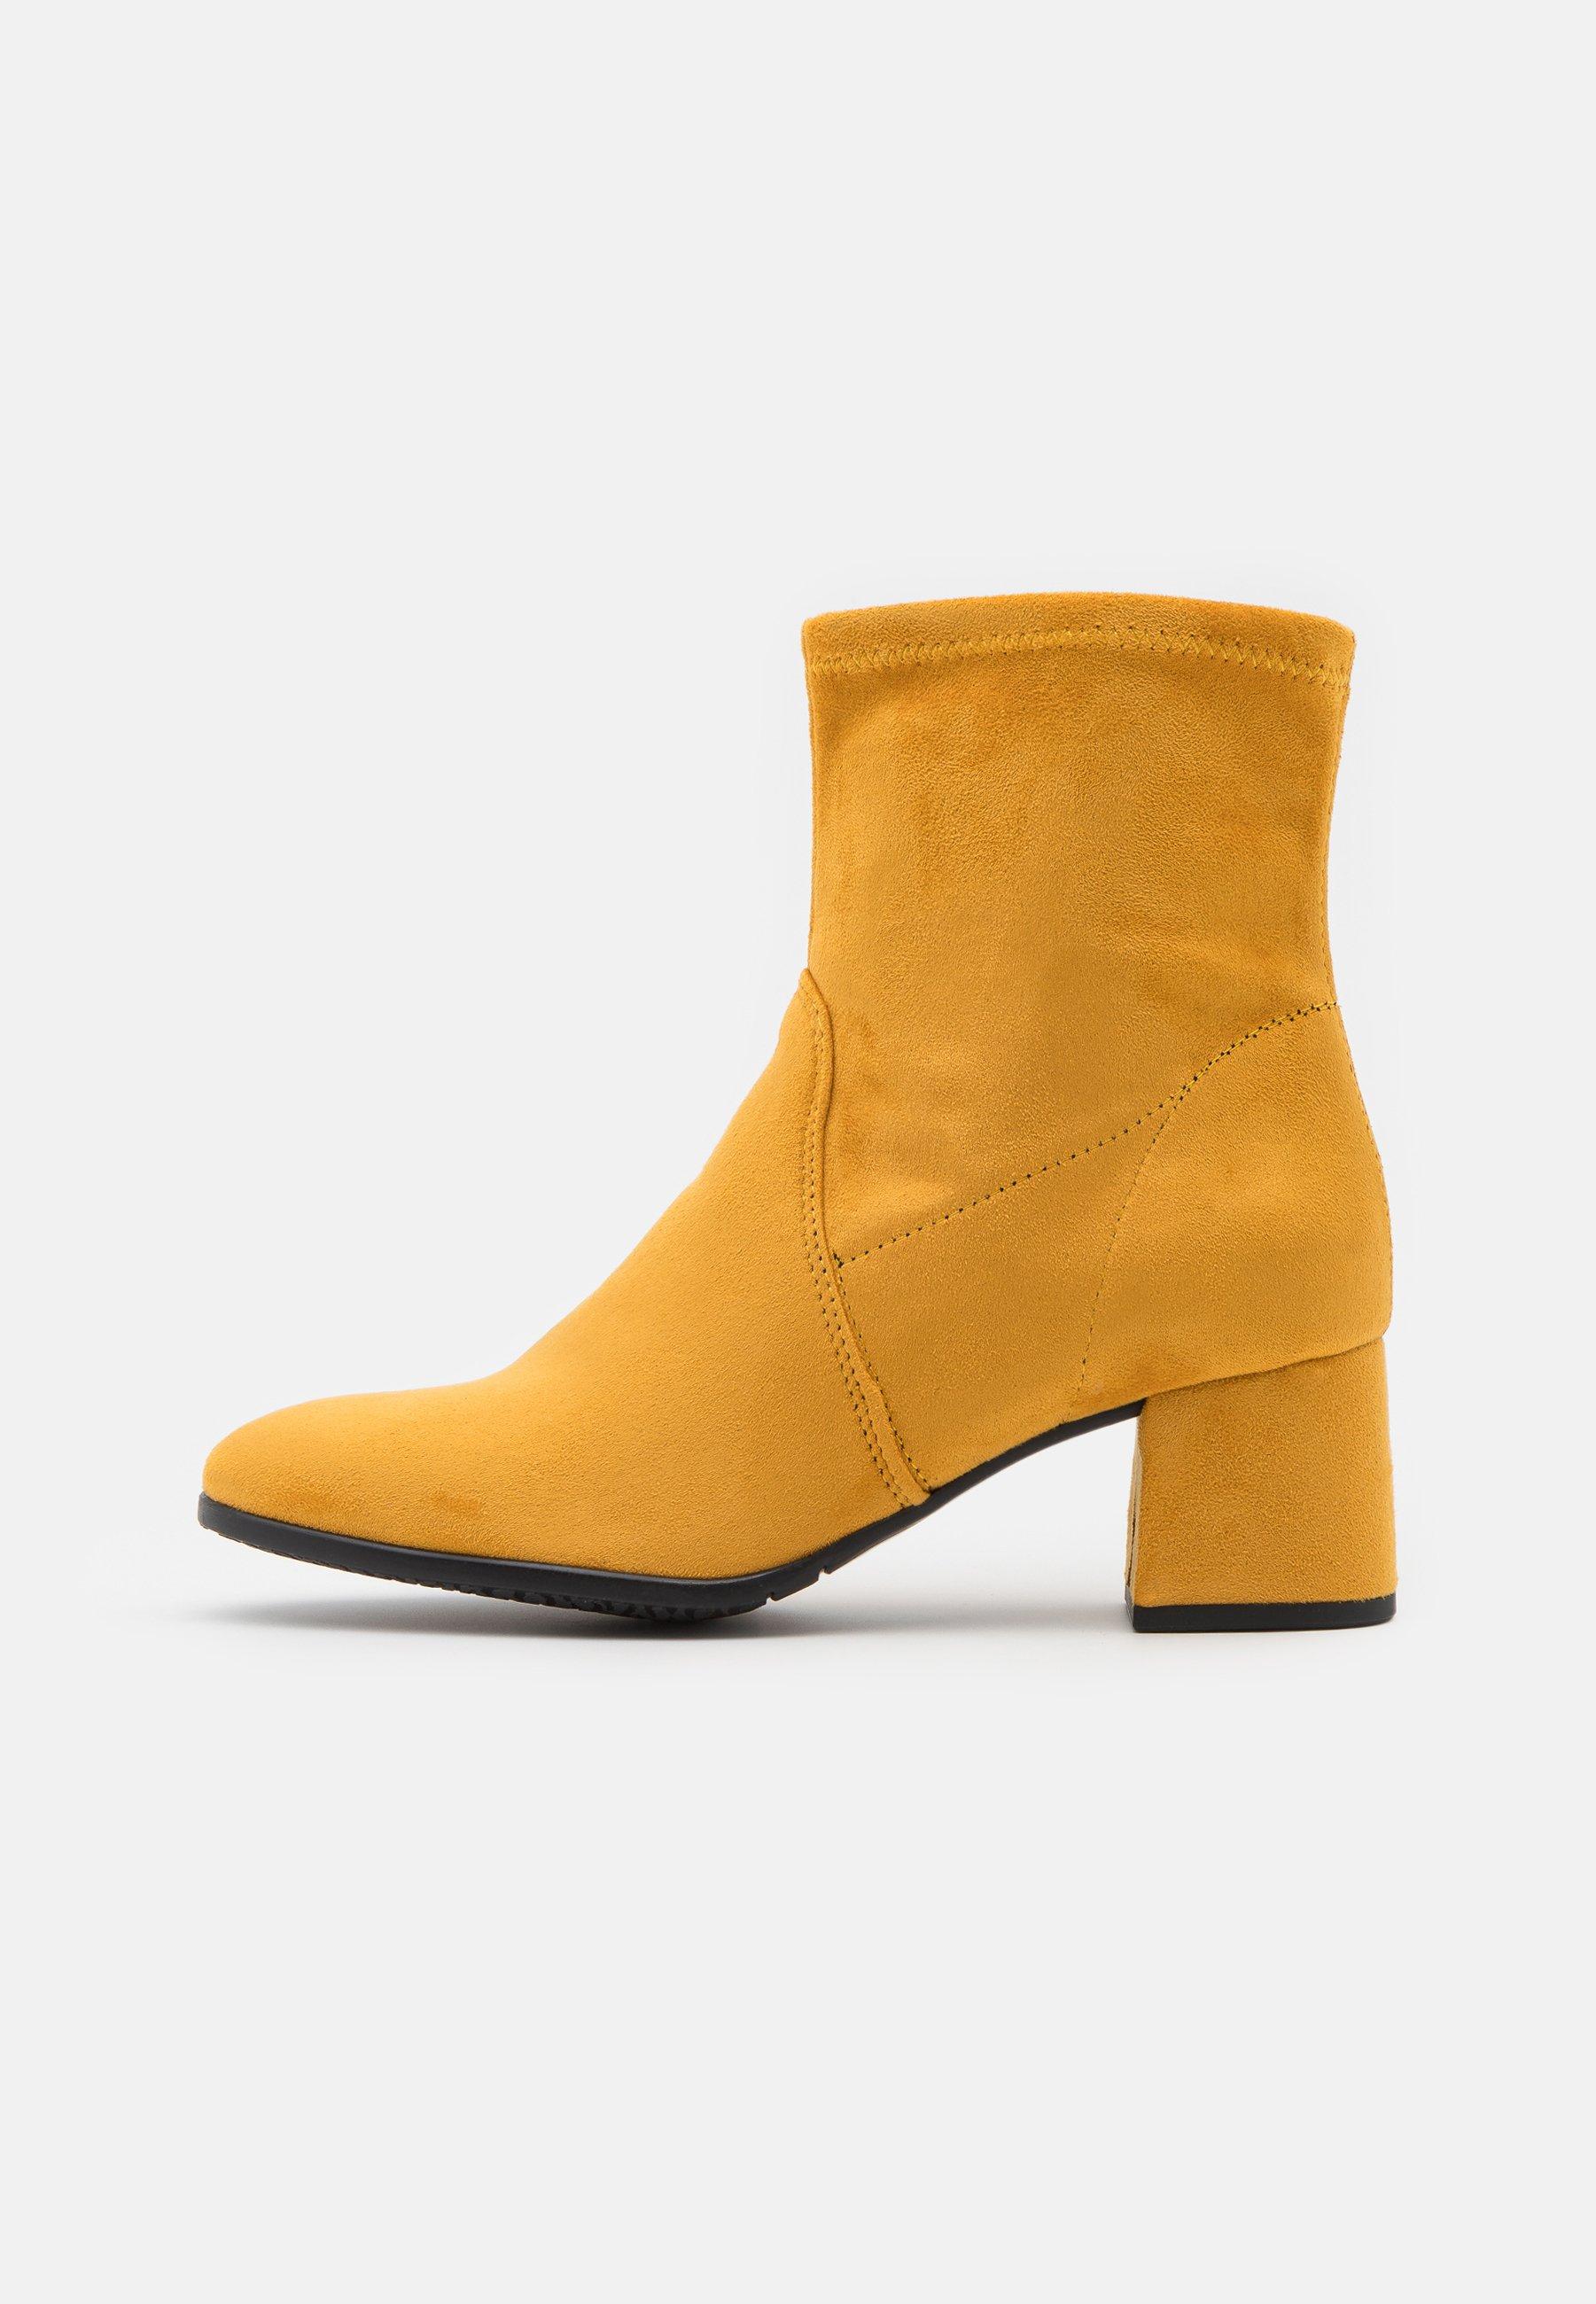 Ponadczasowe żółte botki damskie na różne okazje Odwiedź